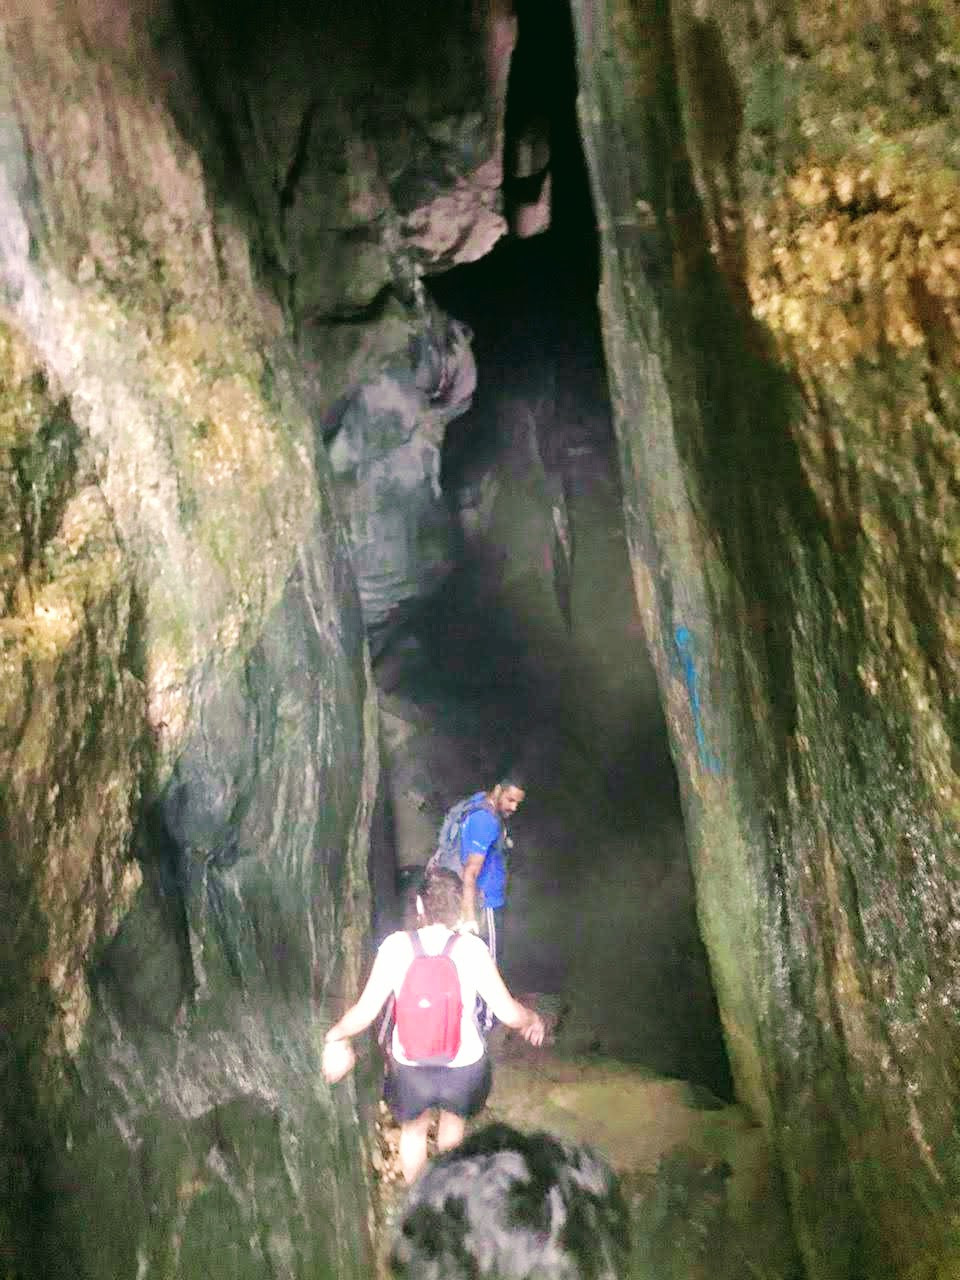 duas pessoas entrando em uma gruta